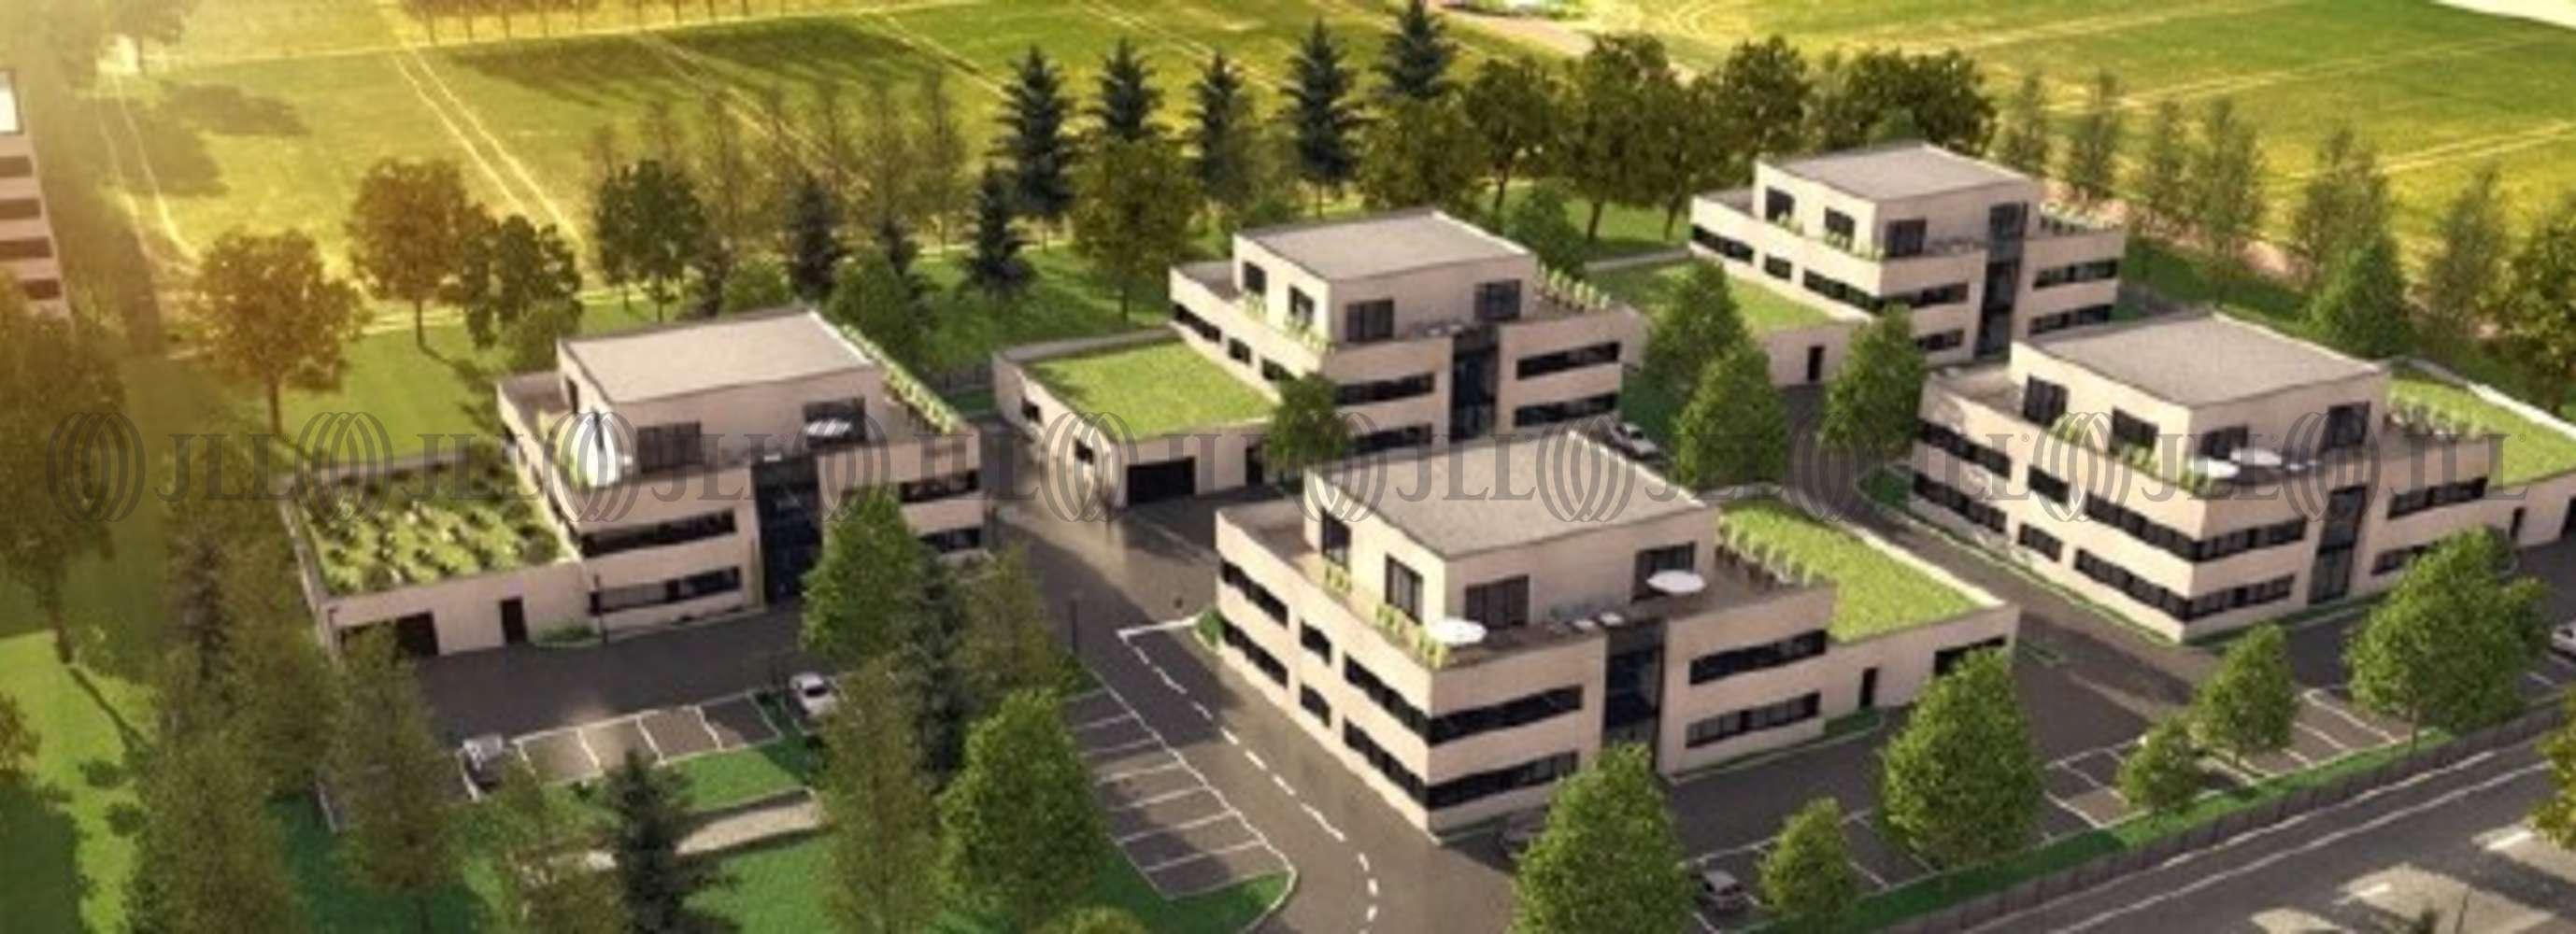 Activités/entrepôt Rillieux la pape, 69140 - WENGEN PARK - LOCAUX D ACTIVITE NEUFS - 10917322